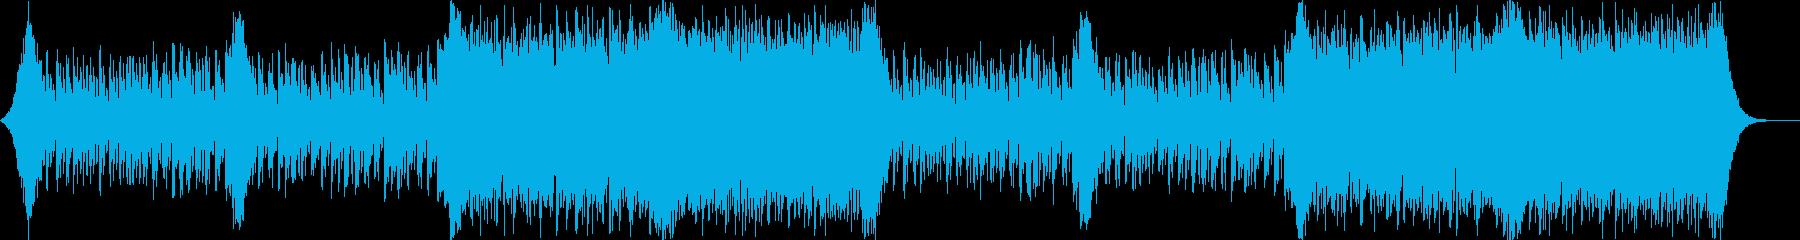 企業VPや映像49、壮大、オーケストラaの再生済みの波形